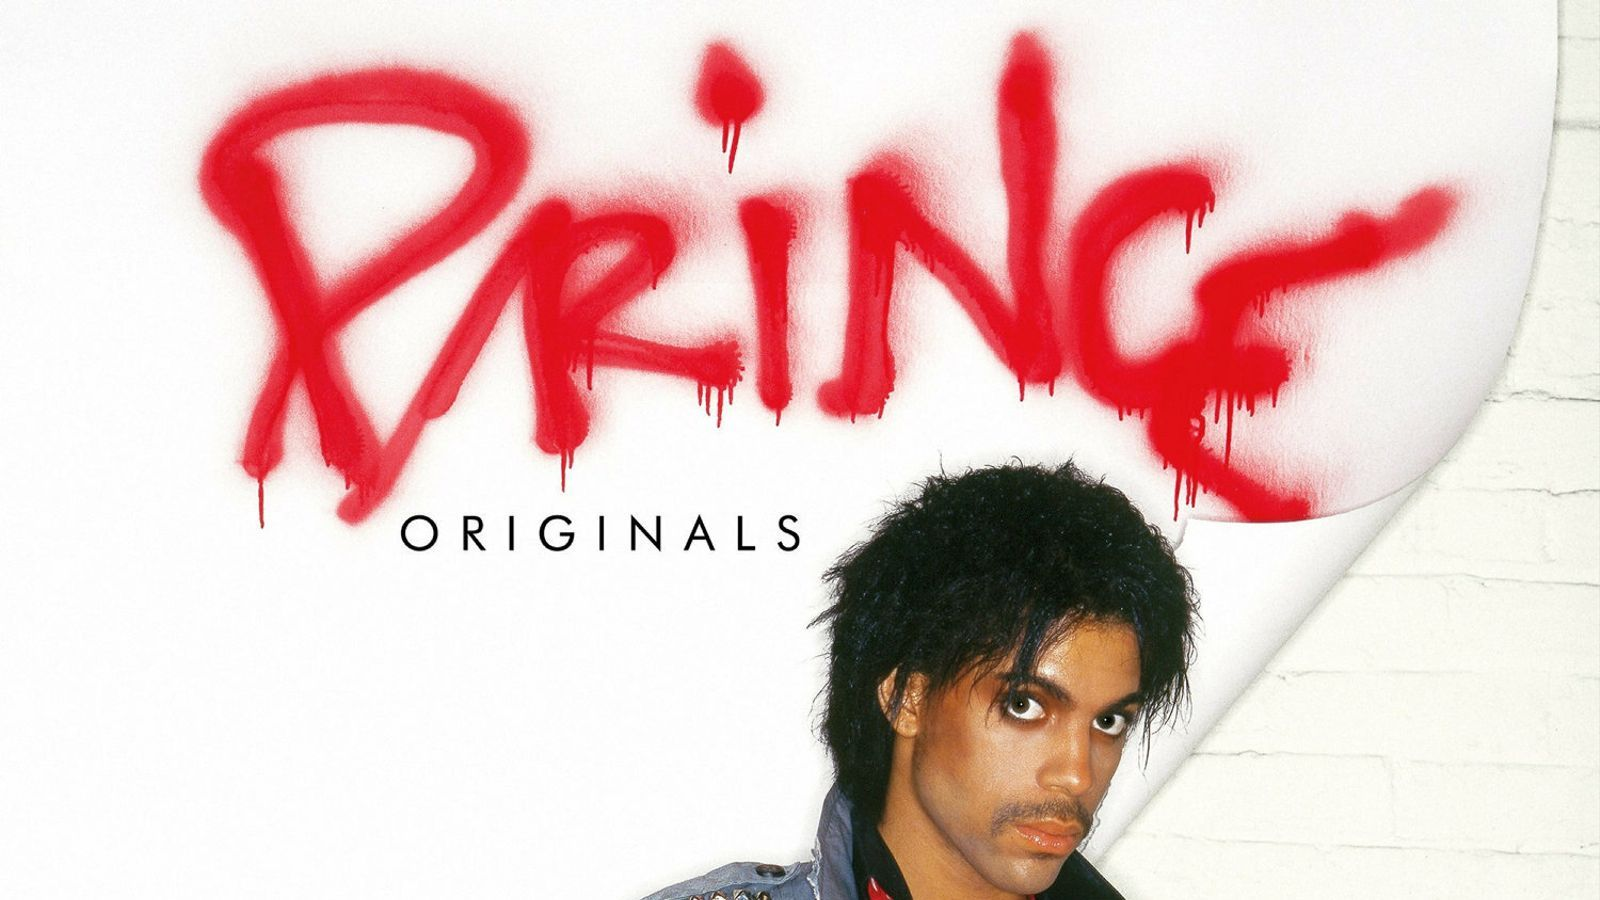 Un fragment de la portada del segon disc pòstum de Prince.